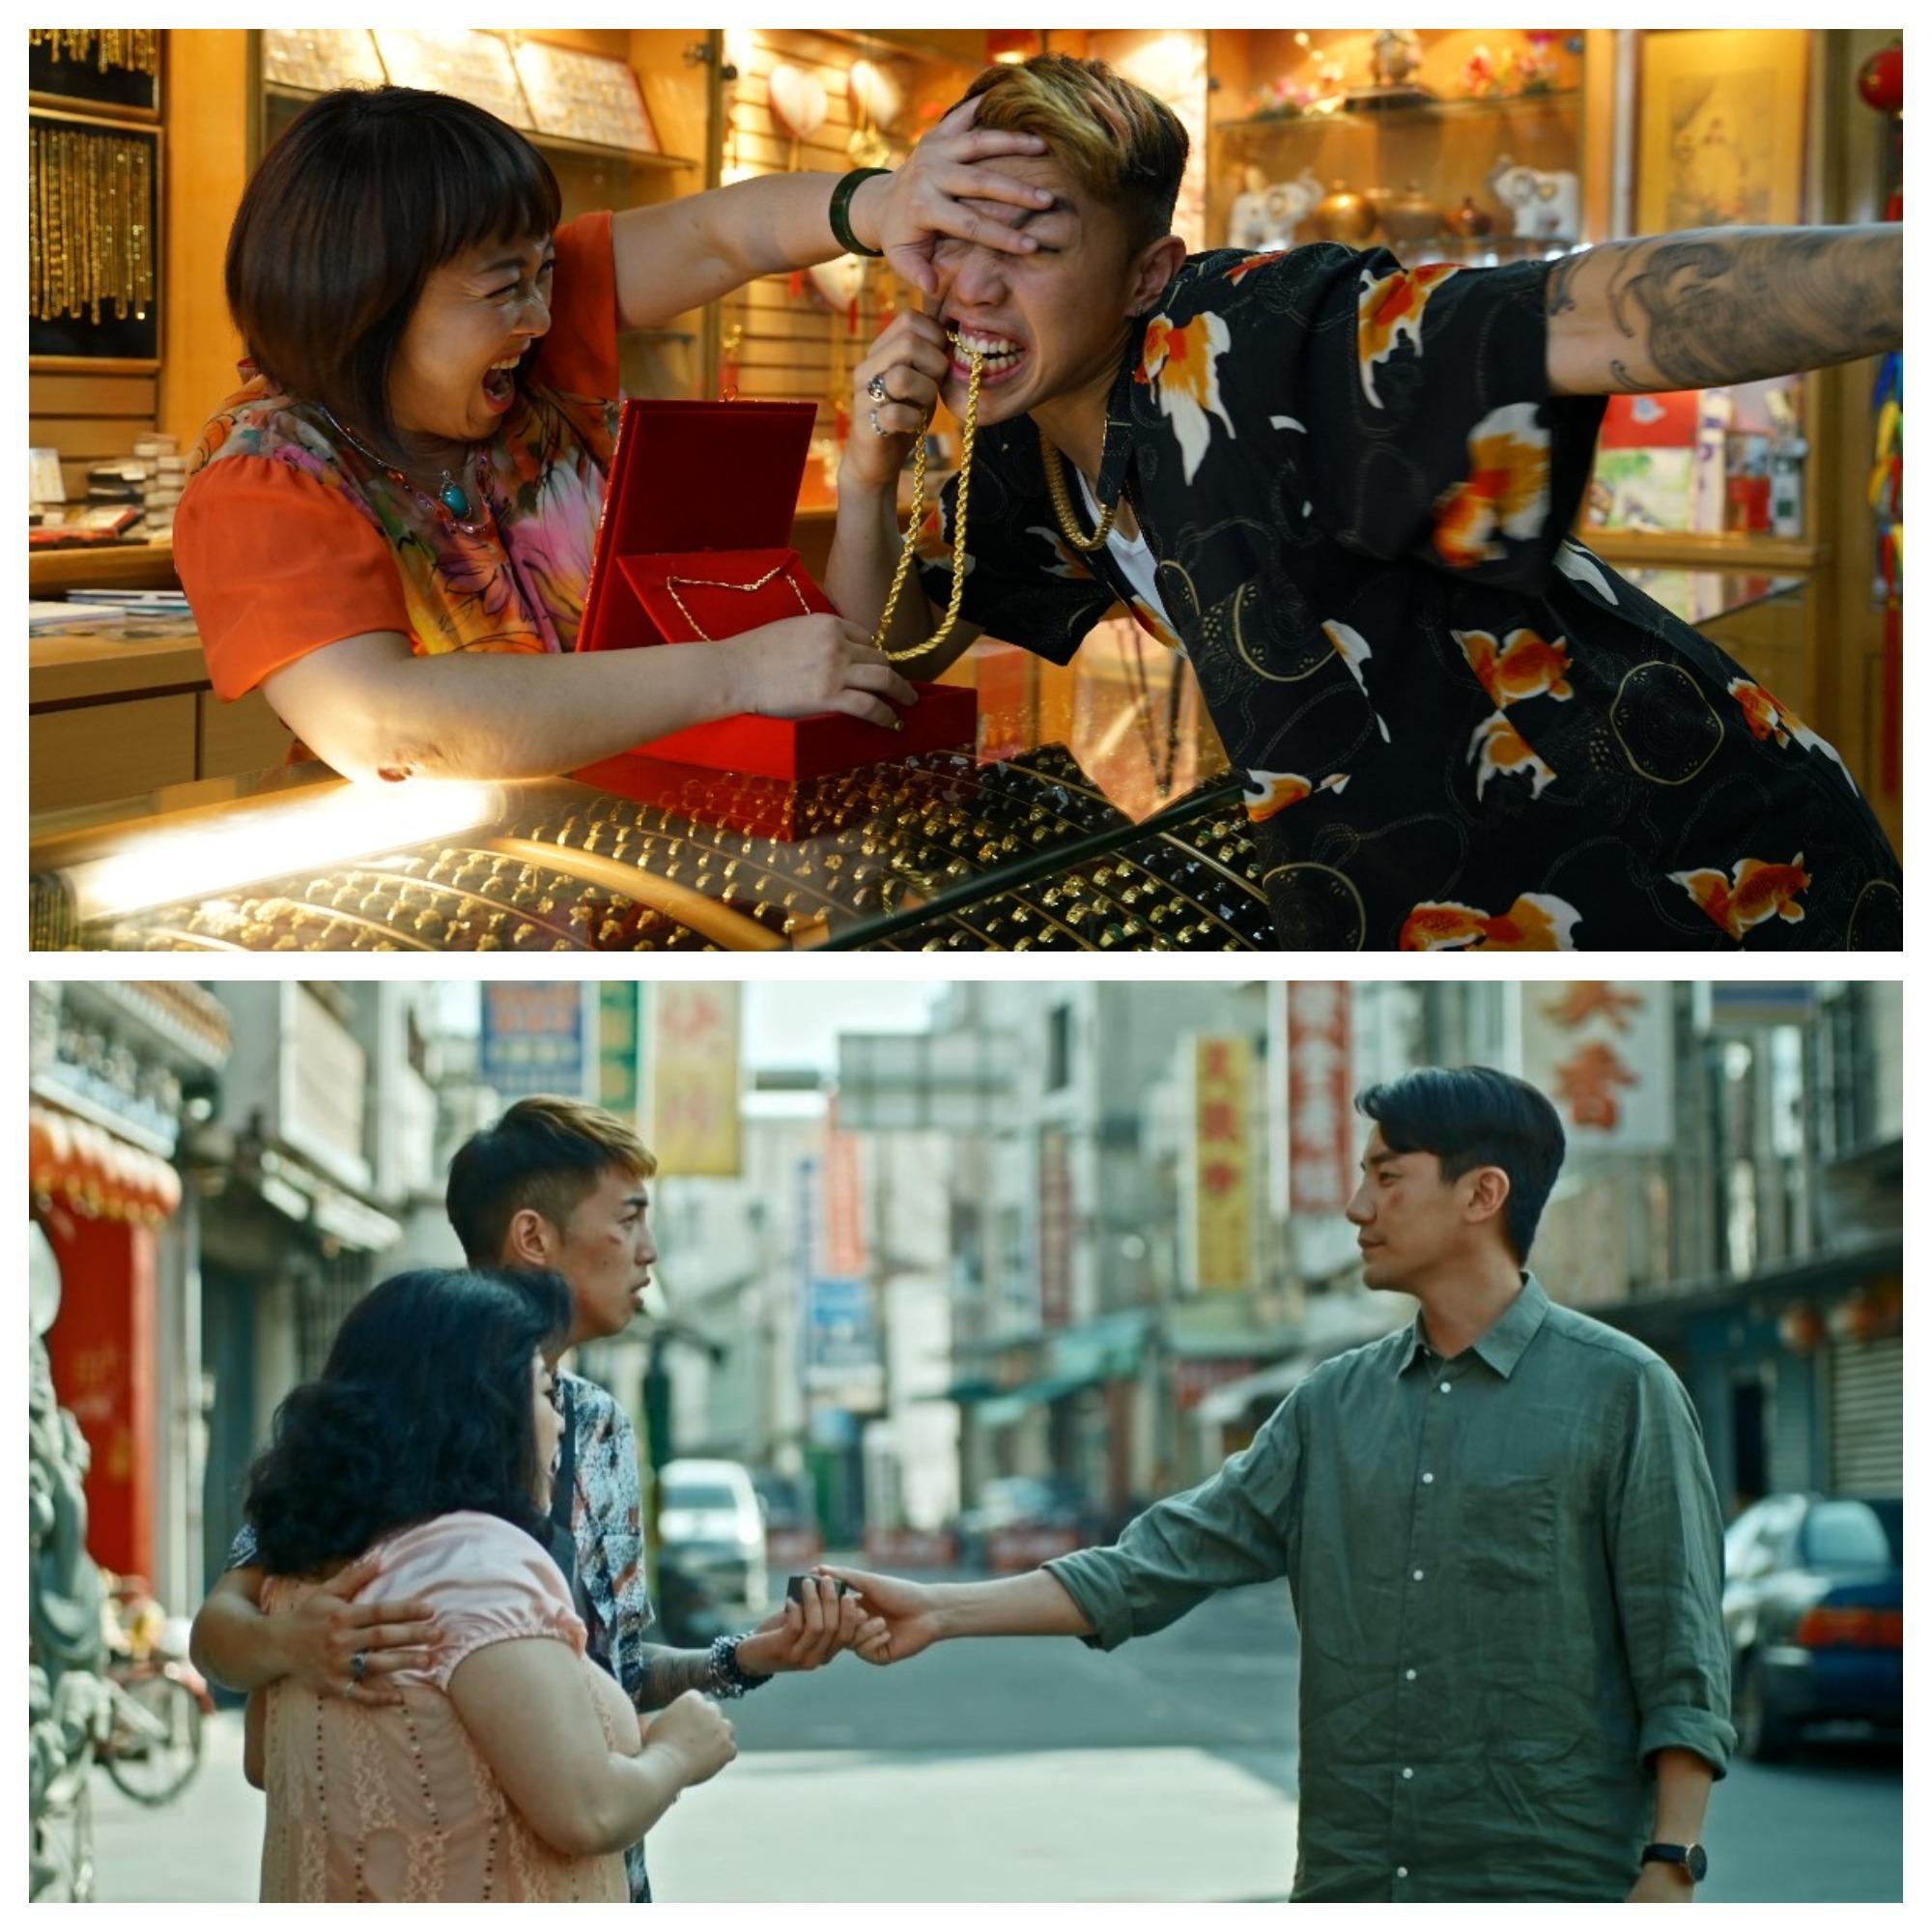 洪永城與林師傑於劇中互相整蠱鬥氣,最後當然大團圓結局,凸顯友情可貴。